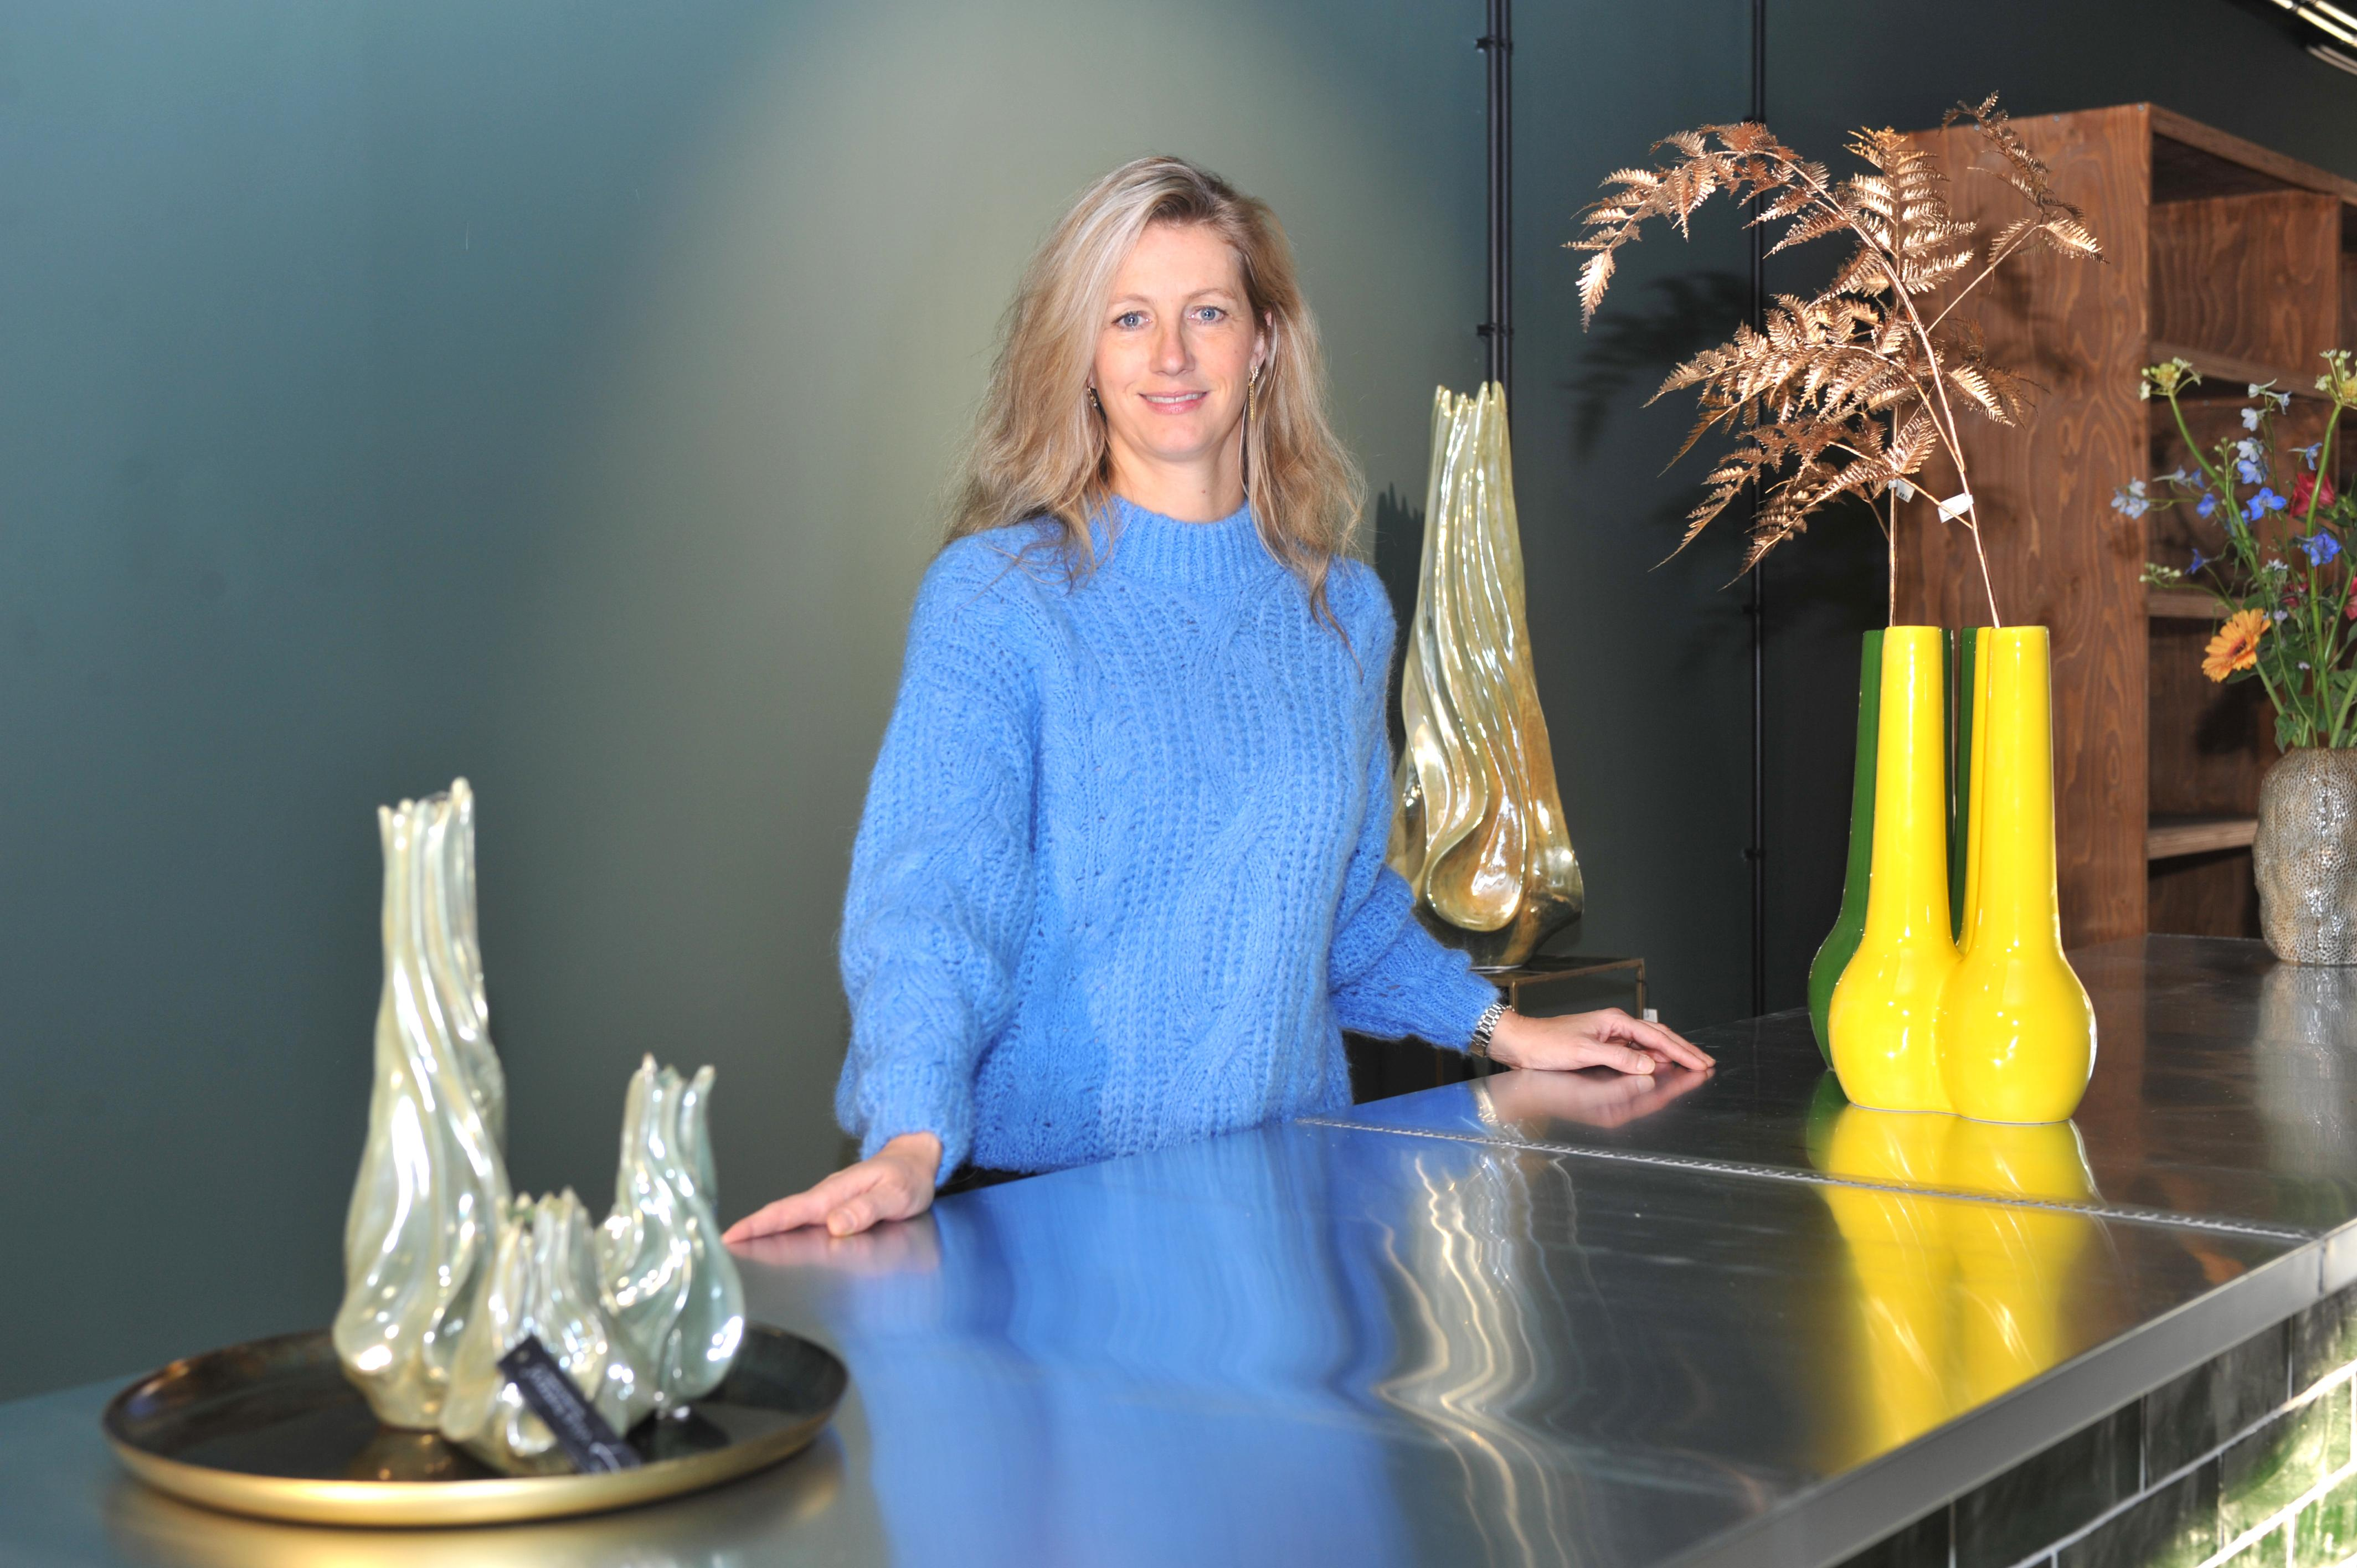 Arianne opent vrijdag nieuwe bloemenzaak in centrum van Beverwijk: 'Als je even stilstaat en de schoonheid van een bloem bekijkt, dan geeft dat een geluksmoment'